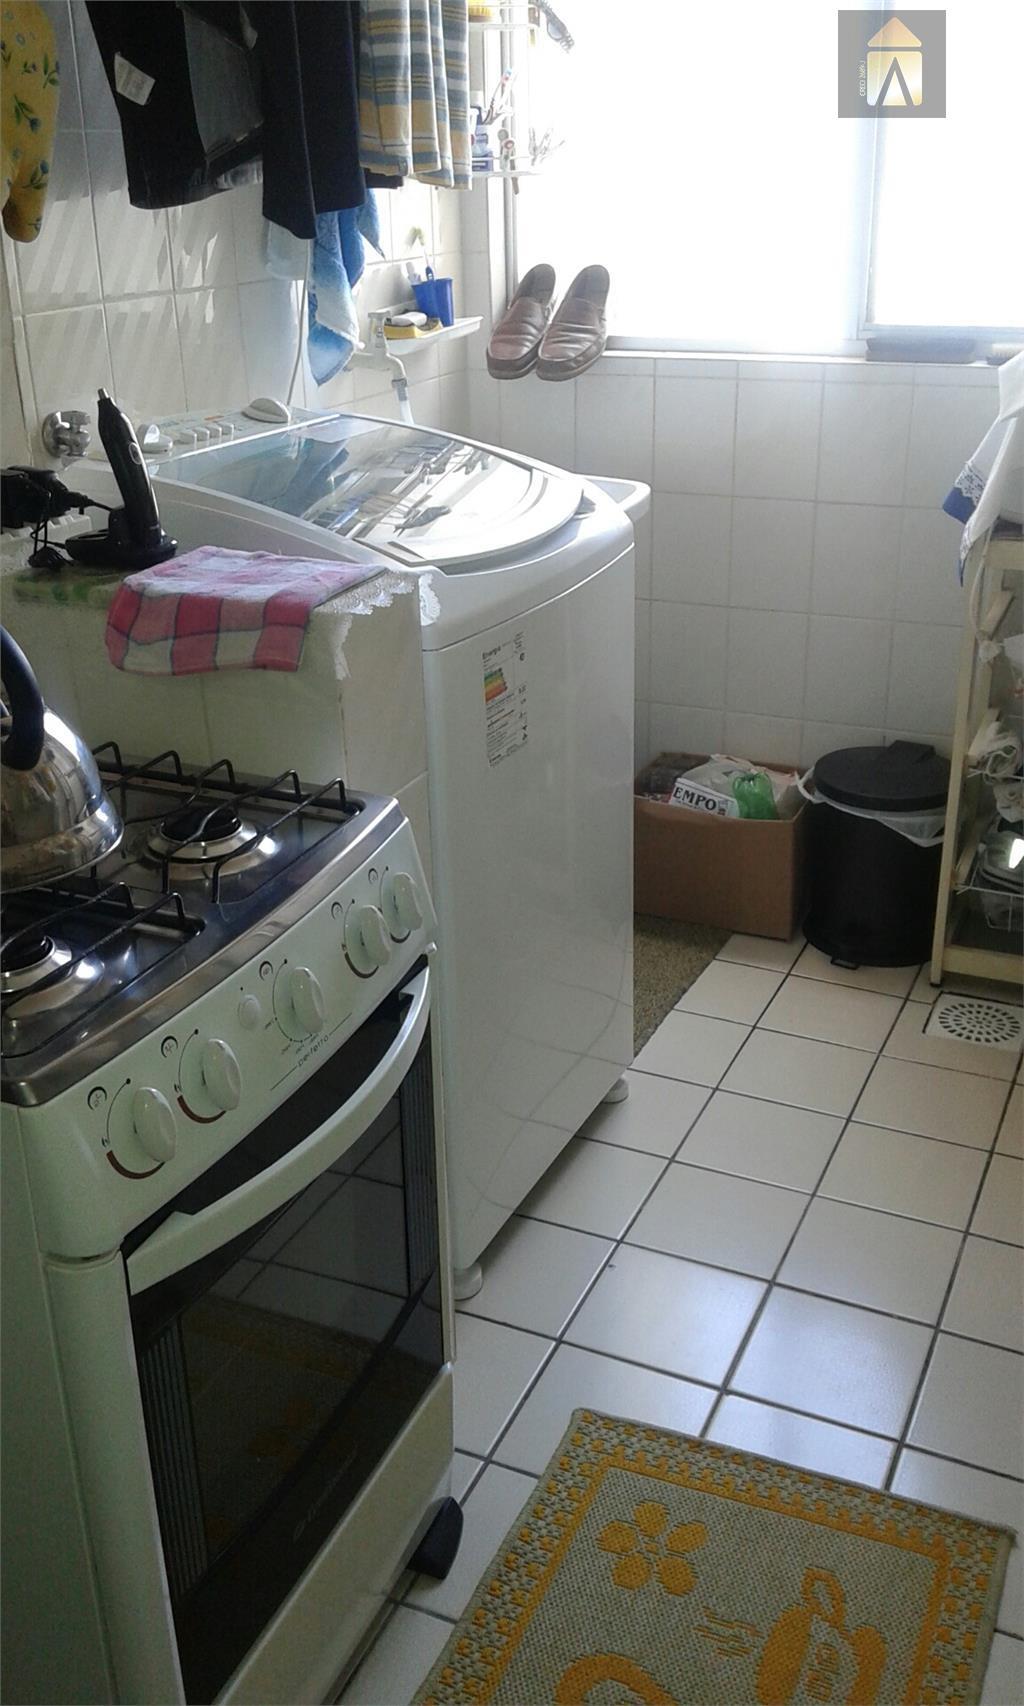 apartamento com 01 dormitório,sala,banheiro social, copa,cozinha,área de serviço, garagem para 01 carro, salão de festas com...